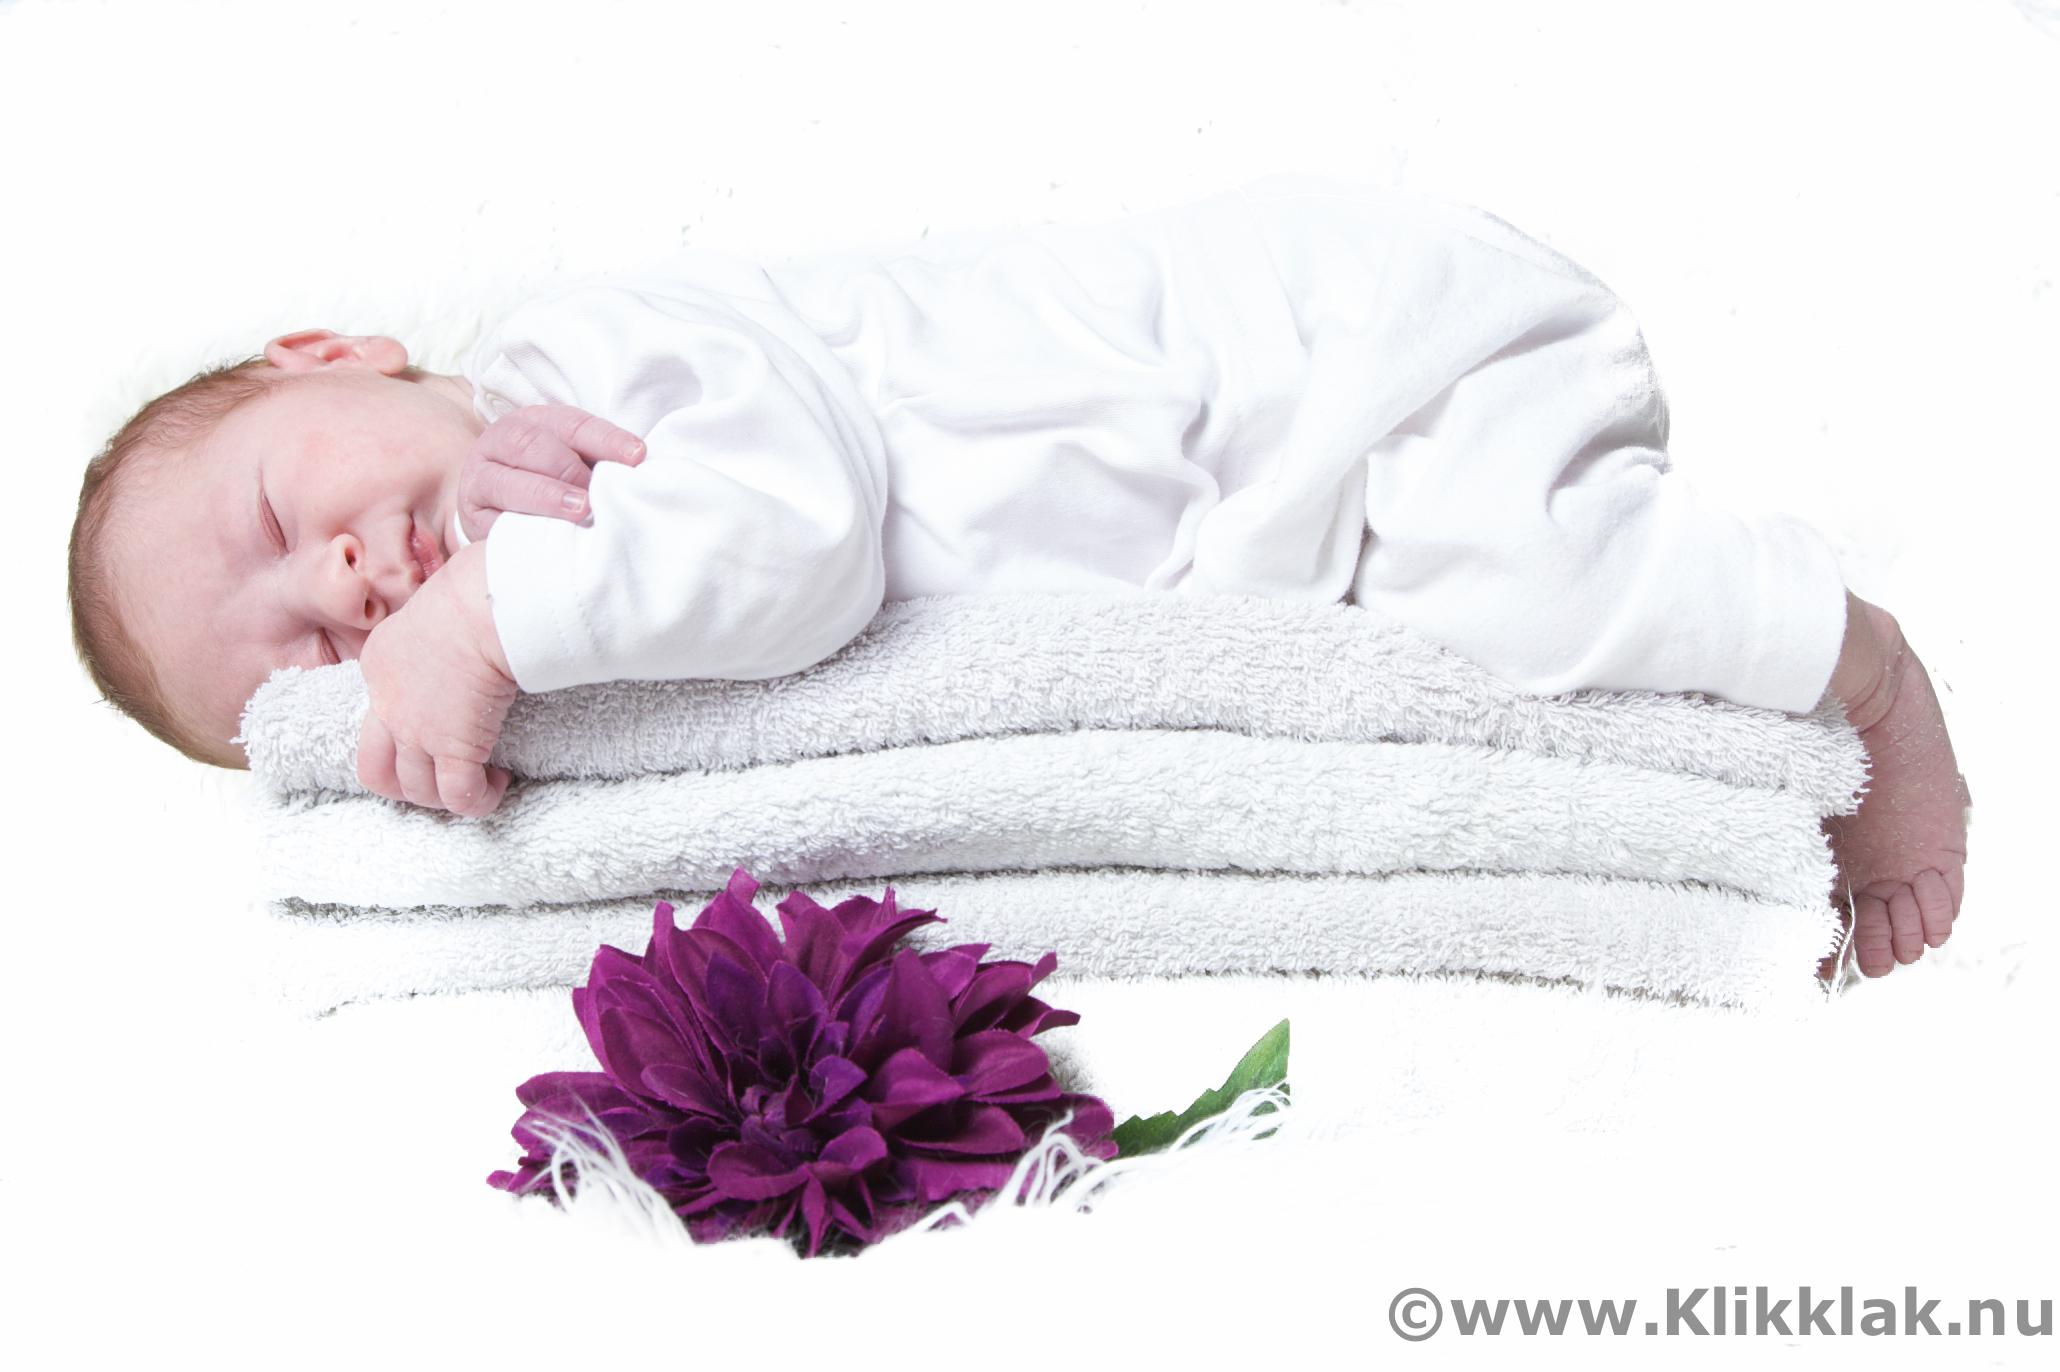 Fotoshoot met baby in de studio, newbornshoot